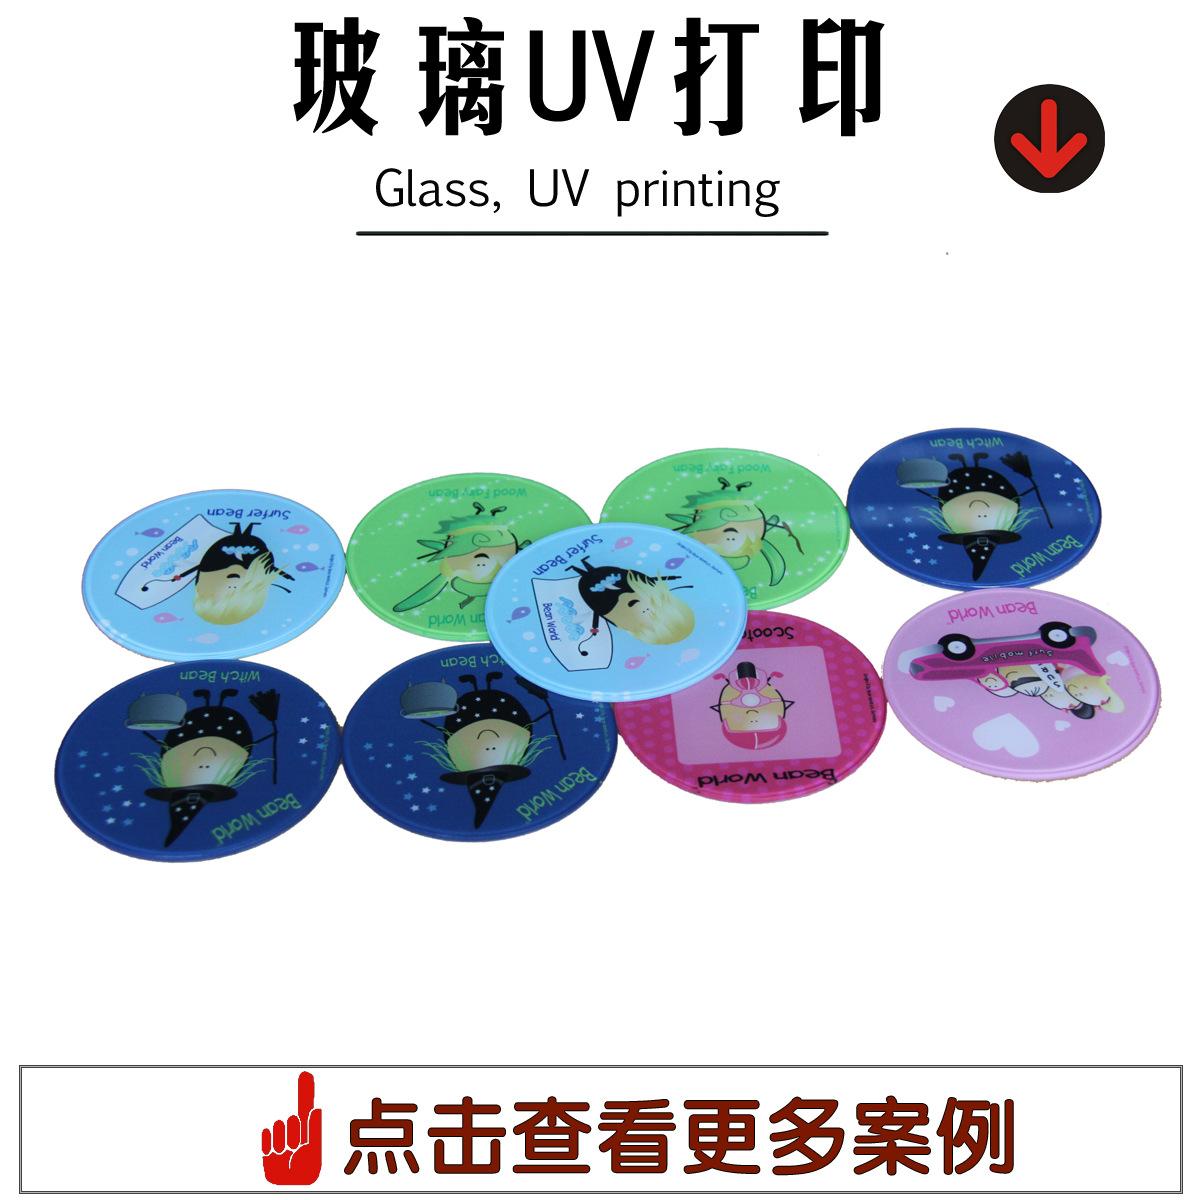 通明玻璃工艺品图案数码印刷加工 玻璃板 设计,制版,印刷